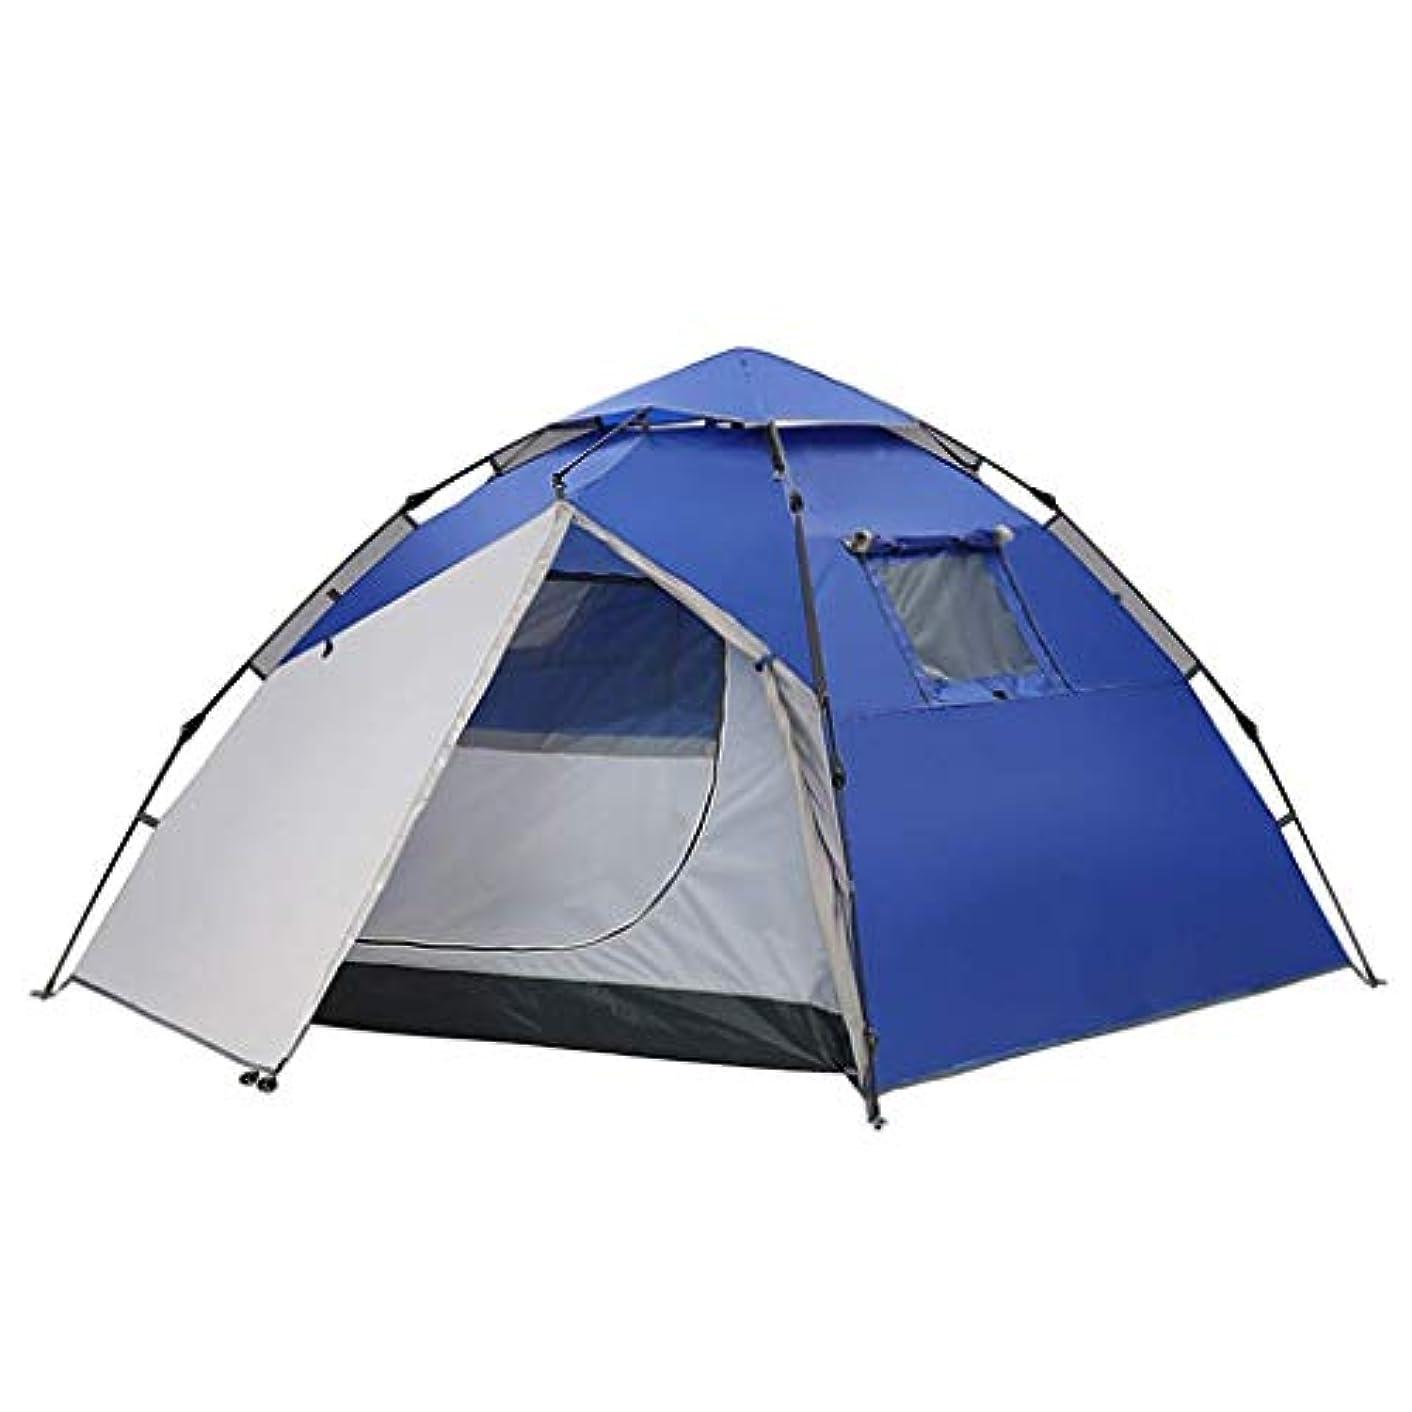 ランデブー人工的な位置するIDWOI テント キャンプのテント レインプルーフ 通気性 多機能 折りたたみ 3-4人 ドーム 家族のテント 、青